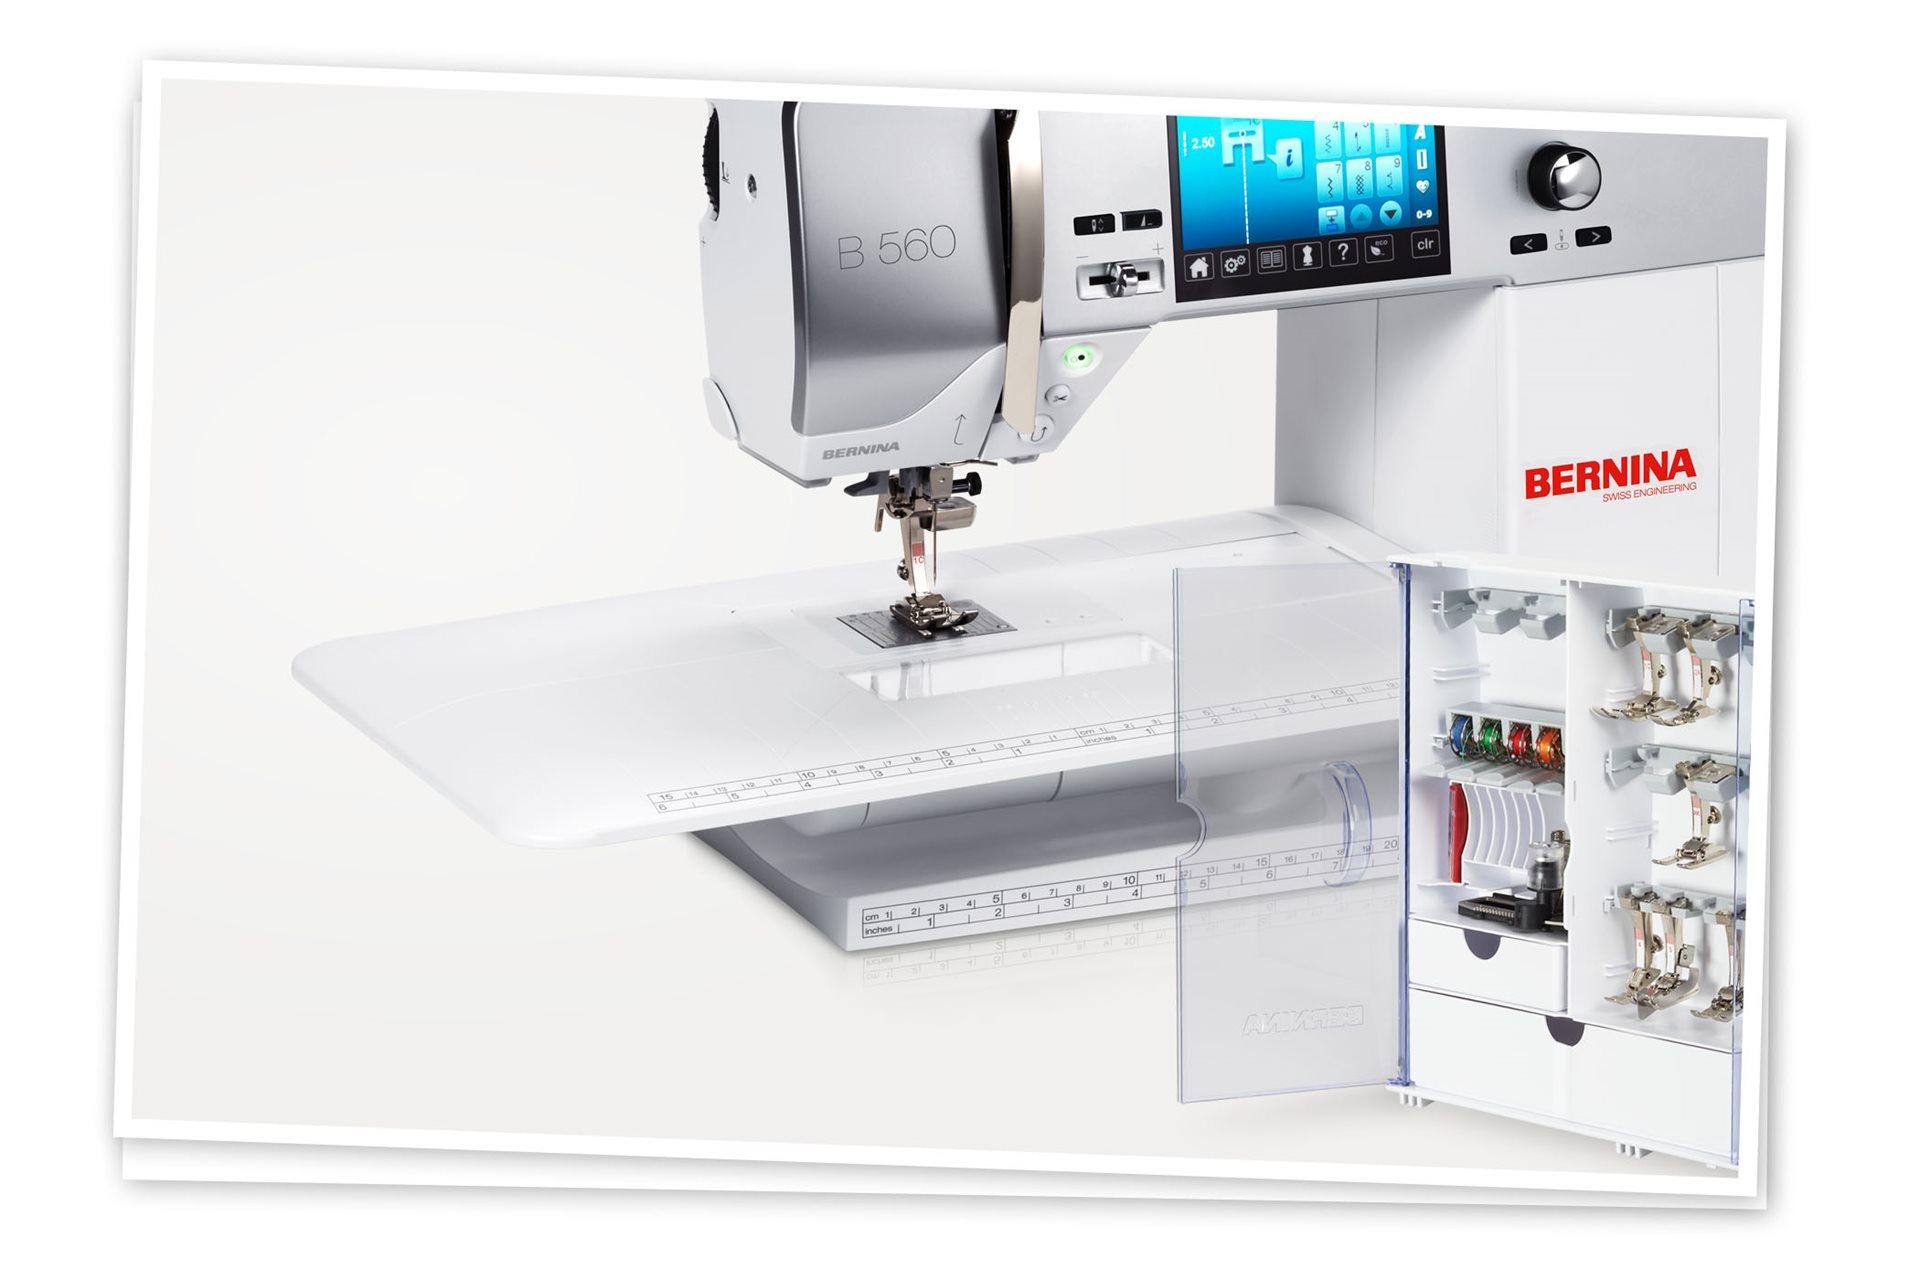 La BERNINA 560 tiene mesa de costura y armario de accesorios